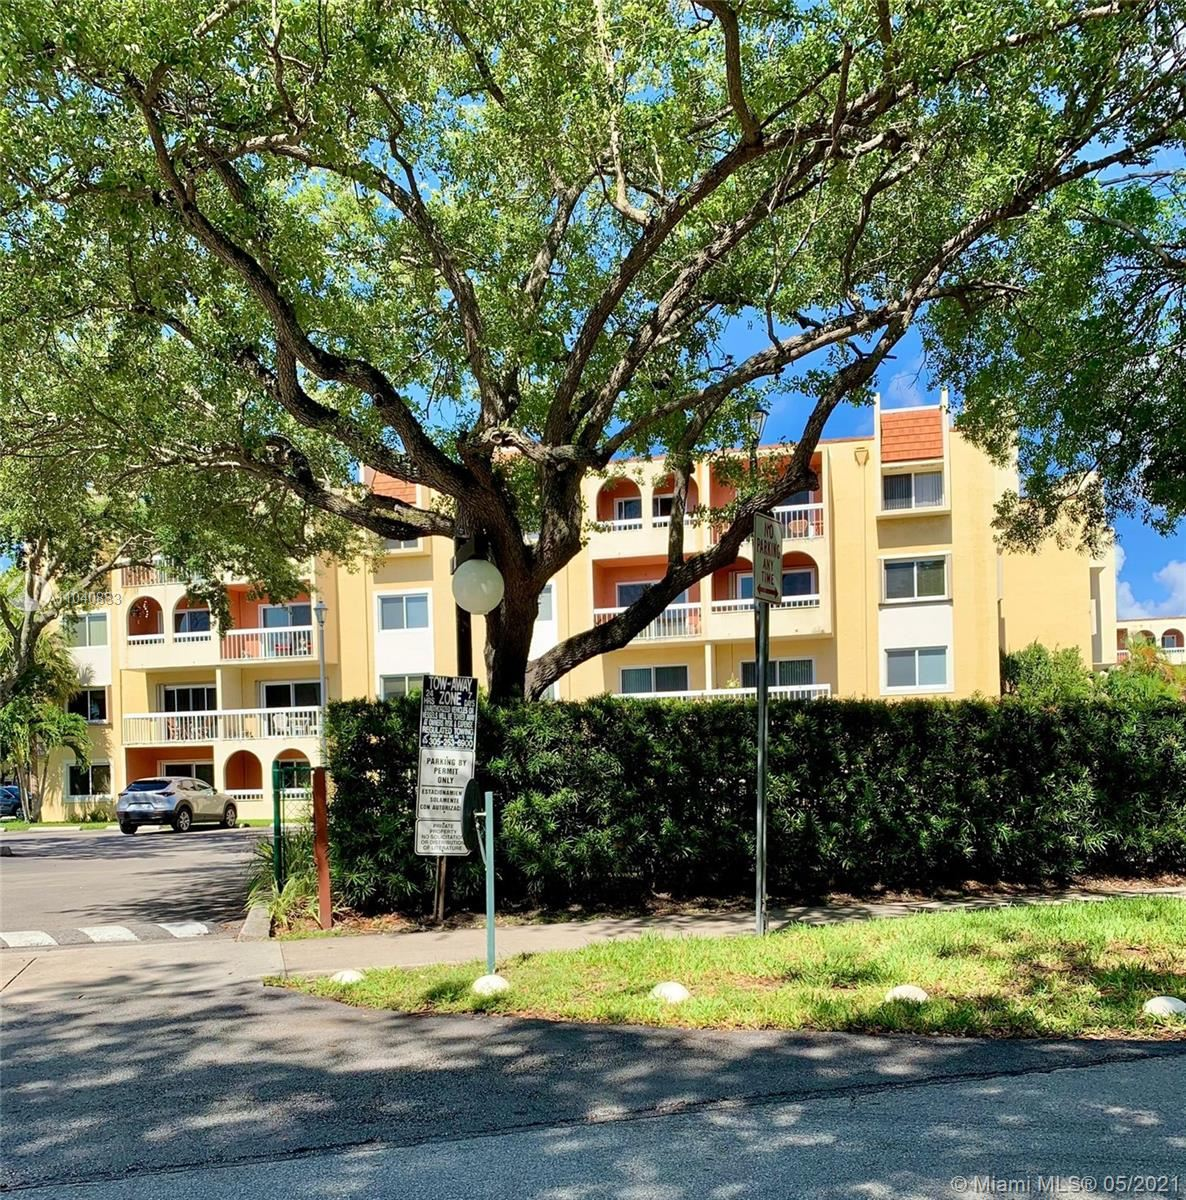 7830 Camino Real #K-301, Miami, FL 33143 - #: A11040833